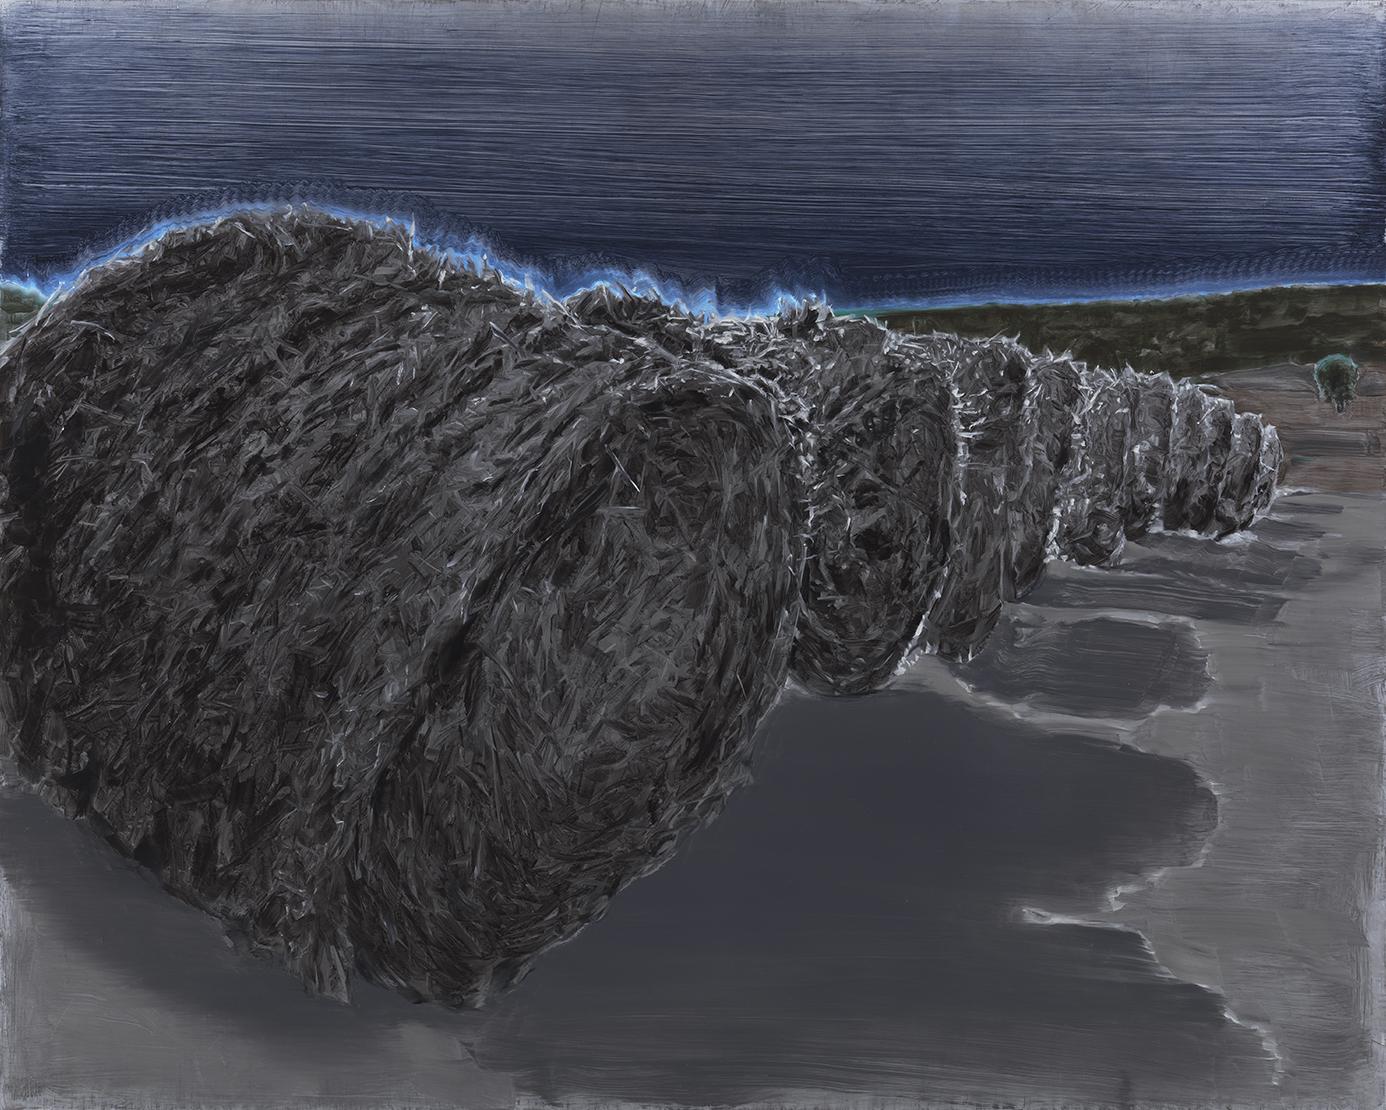 haystacks lying on a beach